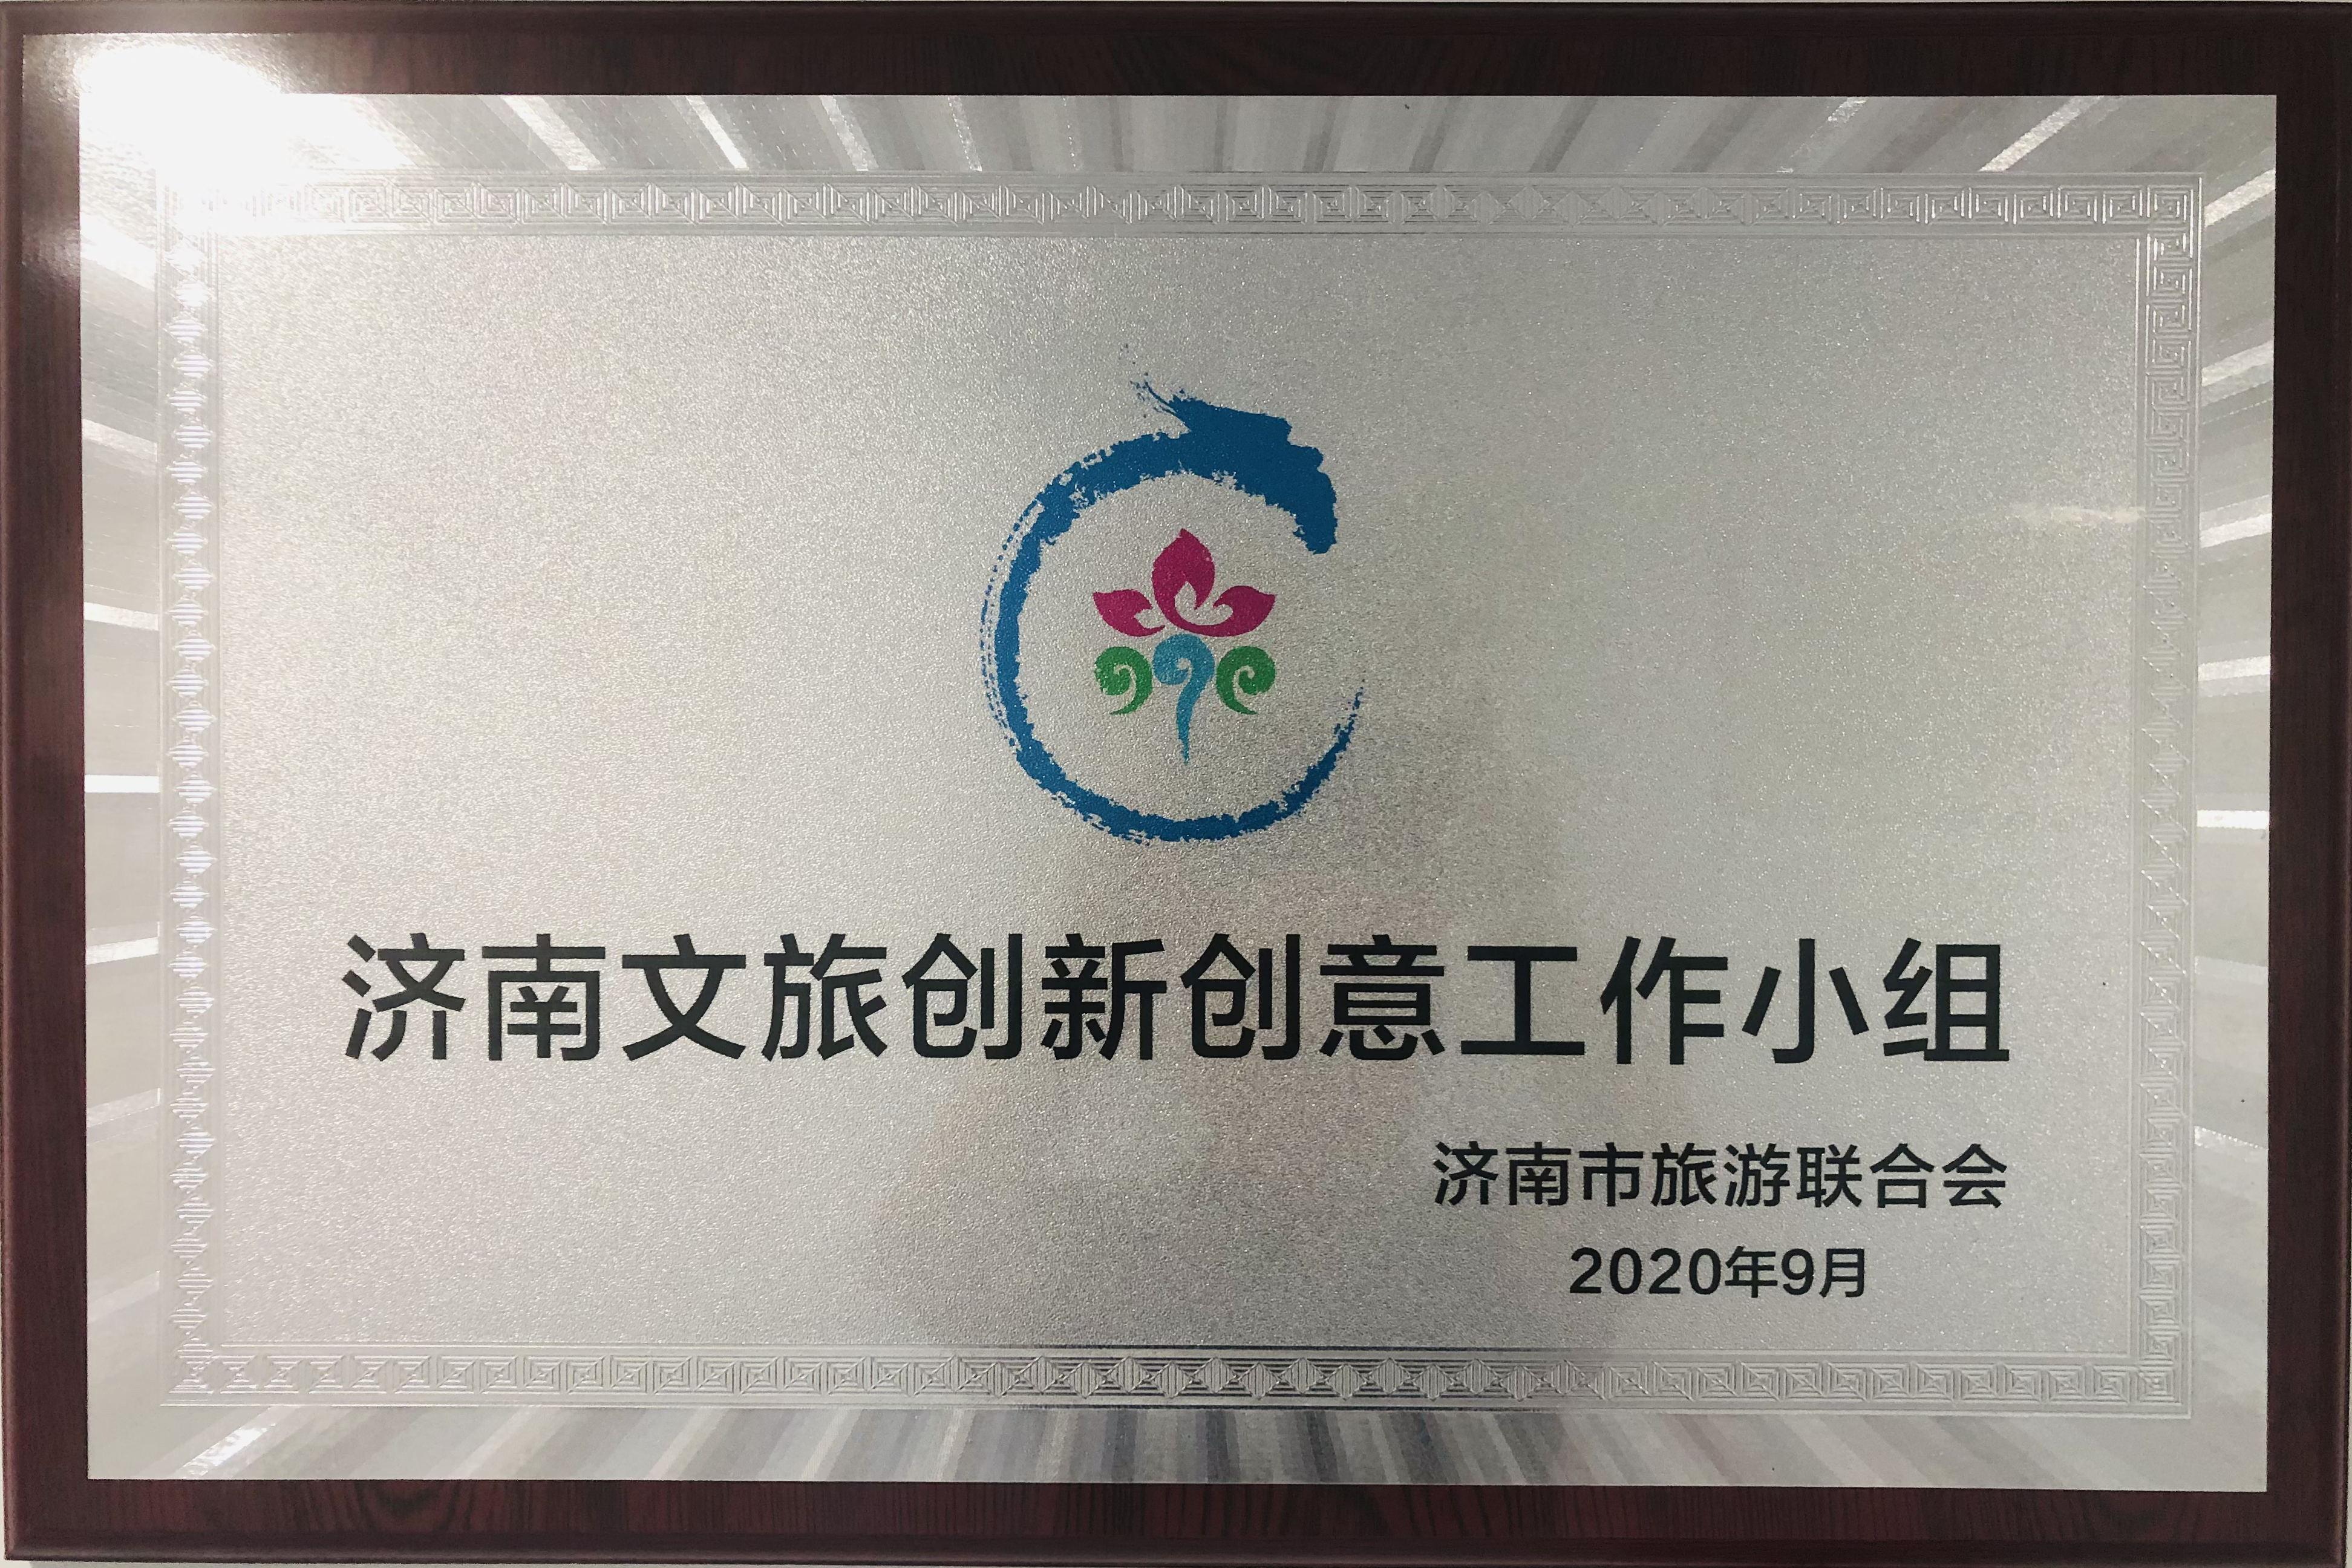 济南文旅创新创意工作小组基地